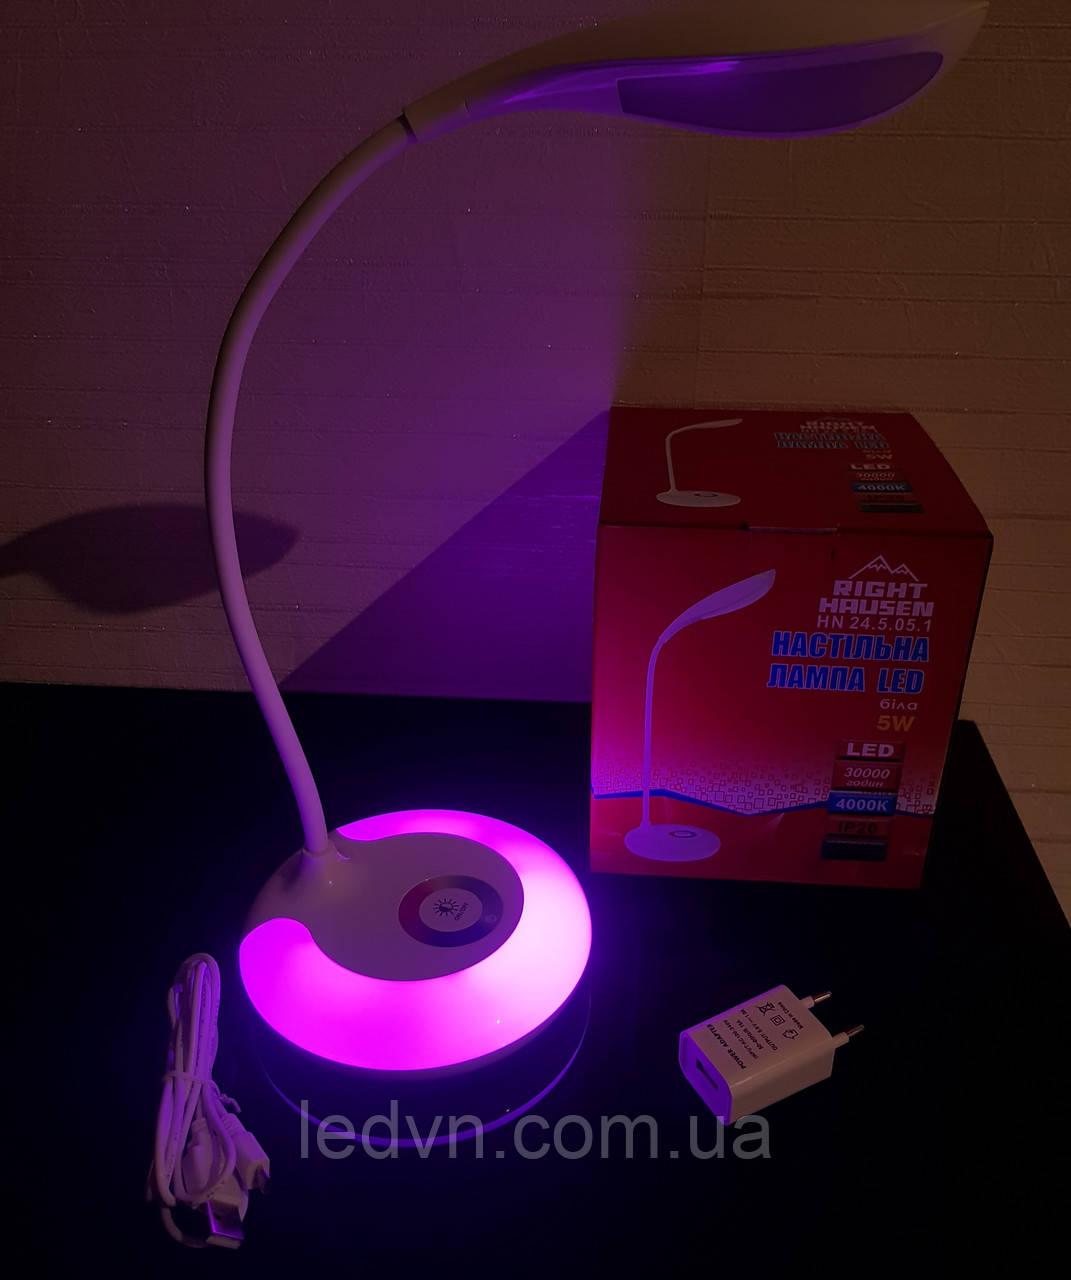 Настольная LED RGD лампа 5W сенсорная, встроенный аккумулятор(белая)